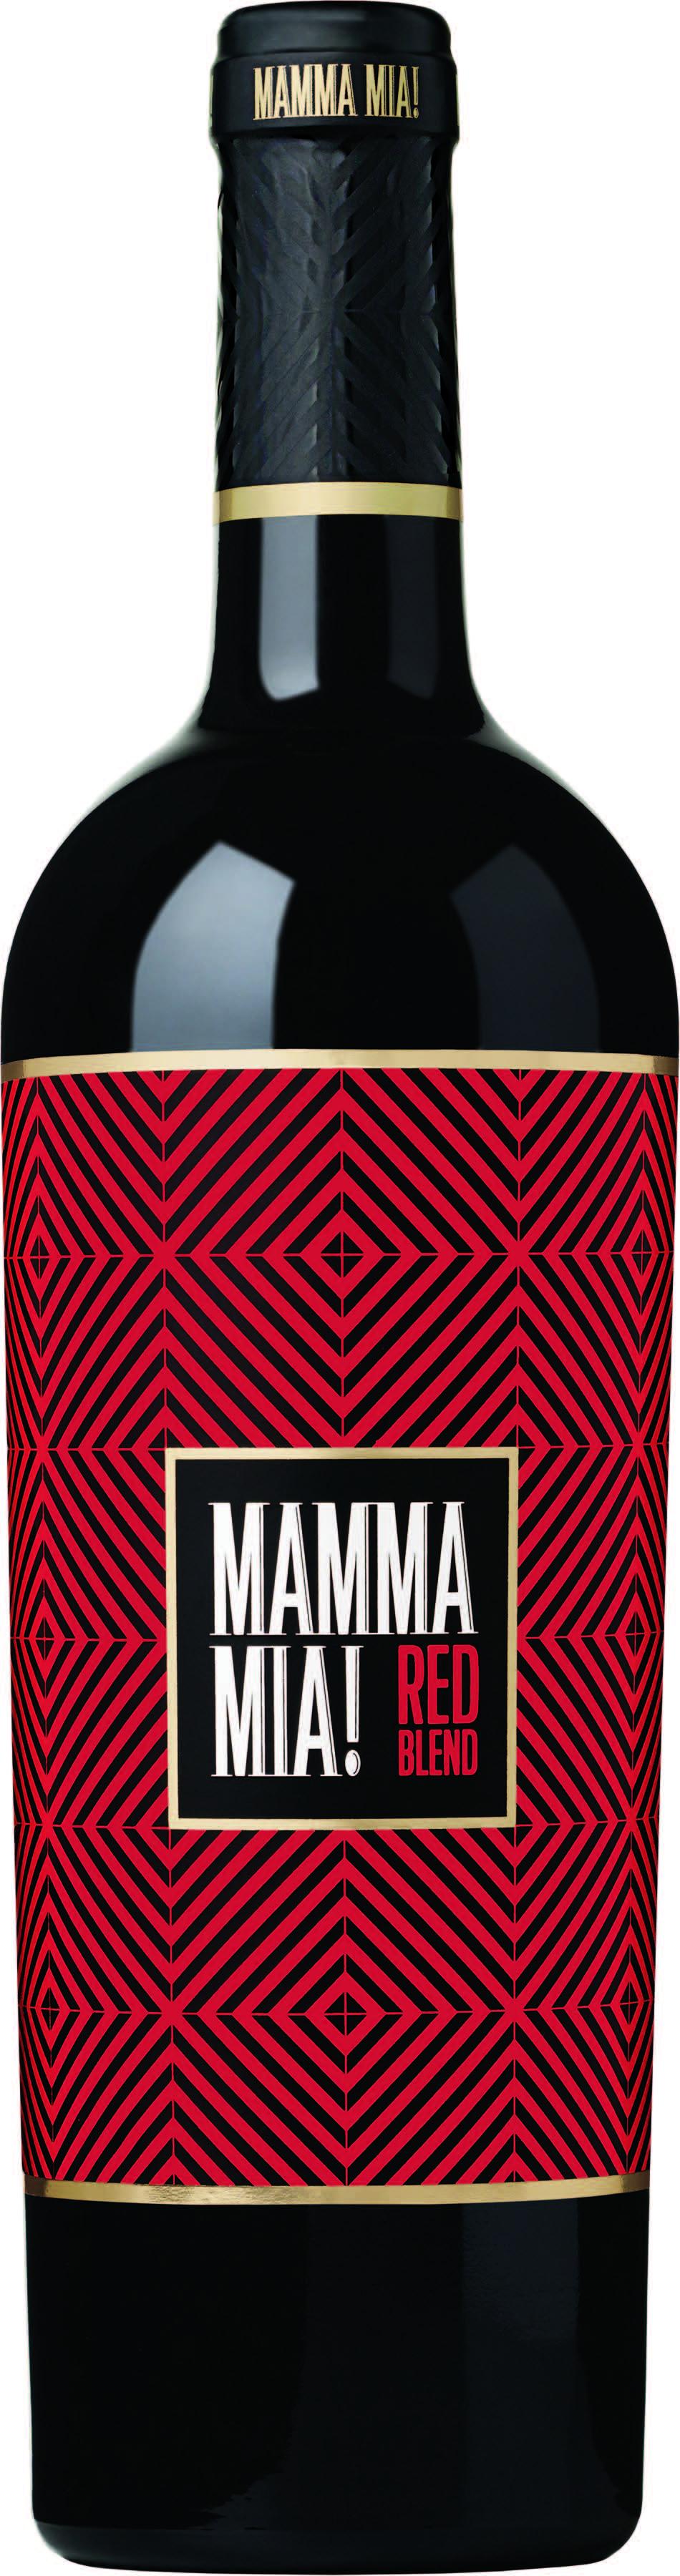 Mamma Mia! Wines Launch In U.S.